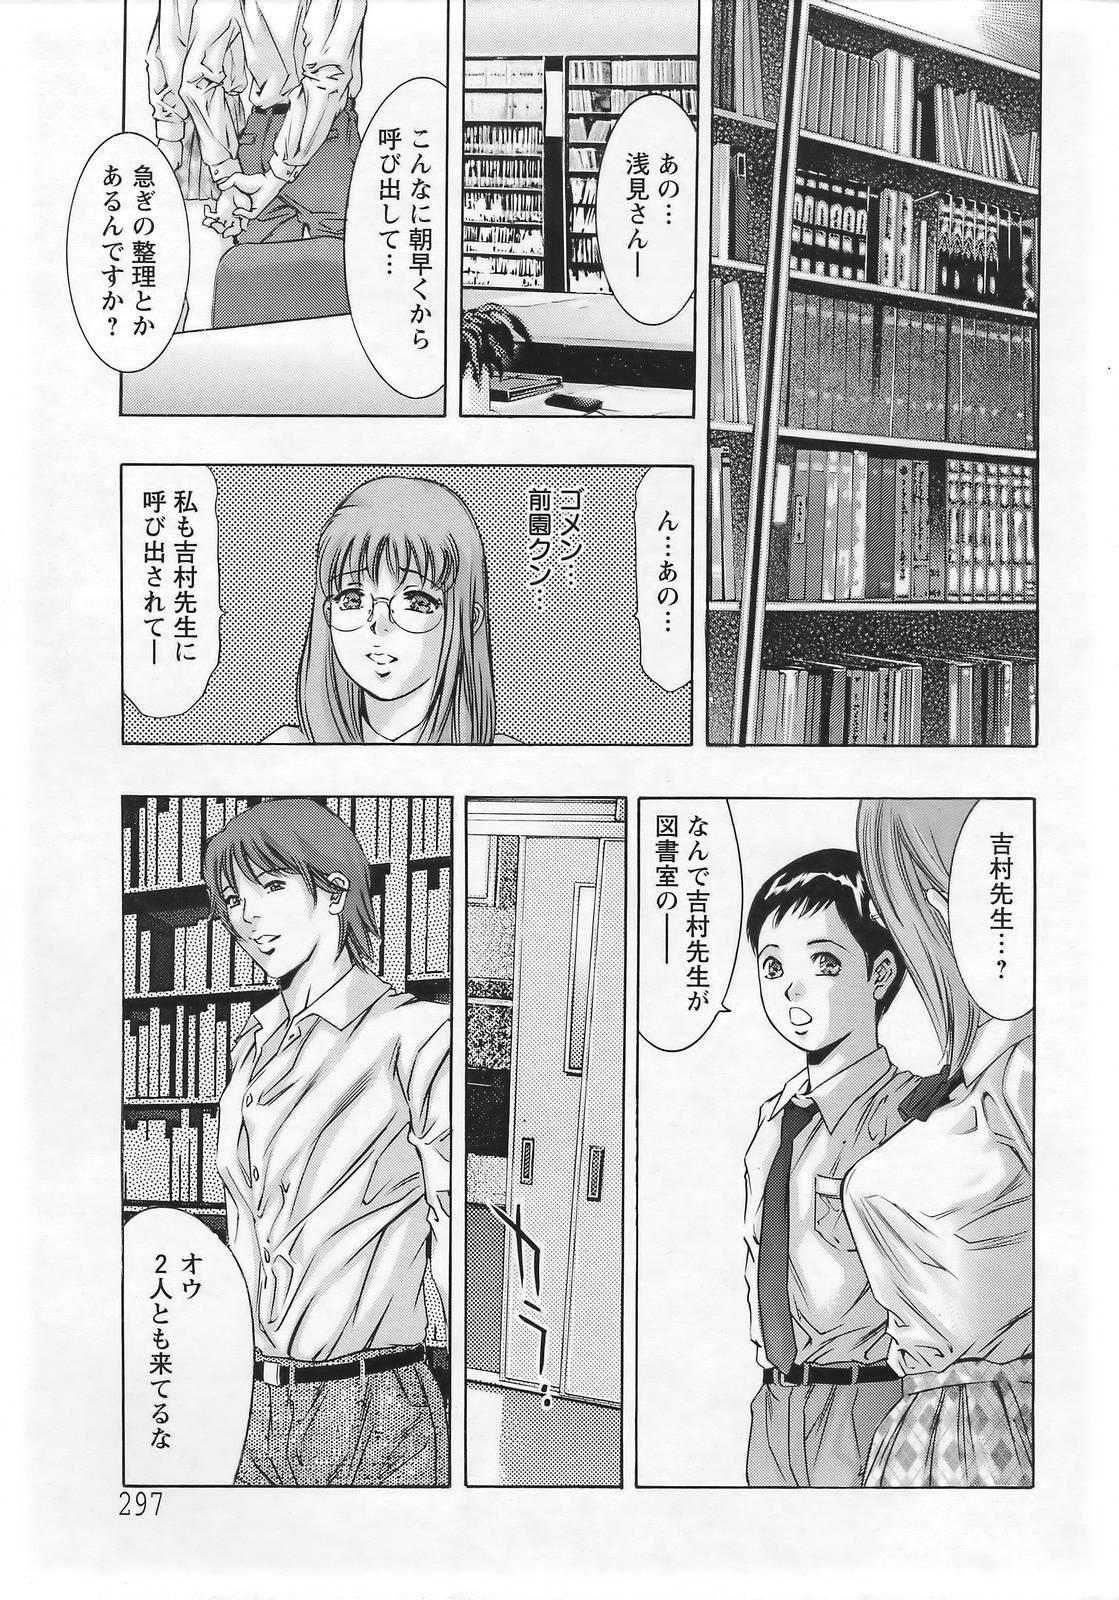 Yokubou no Meiro 131